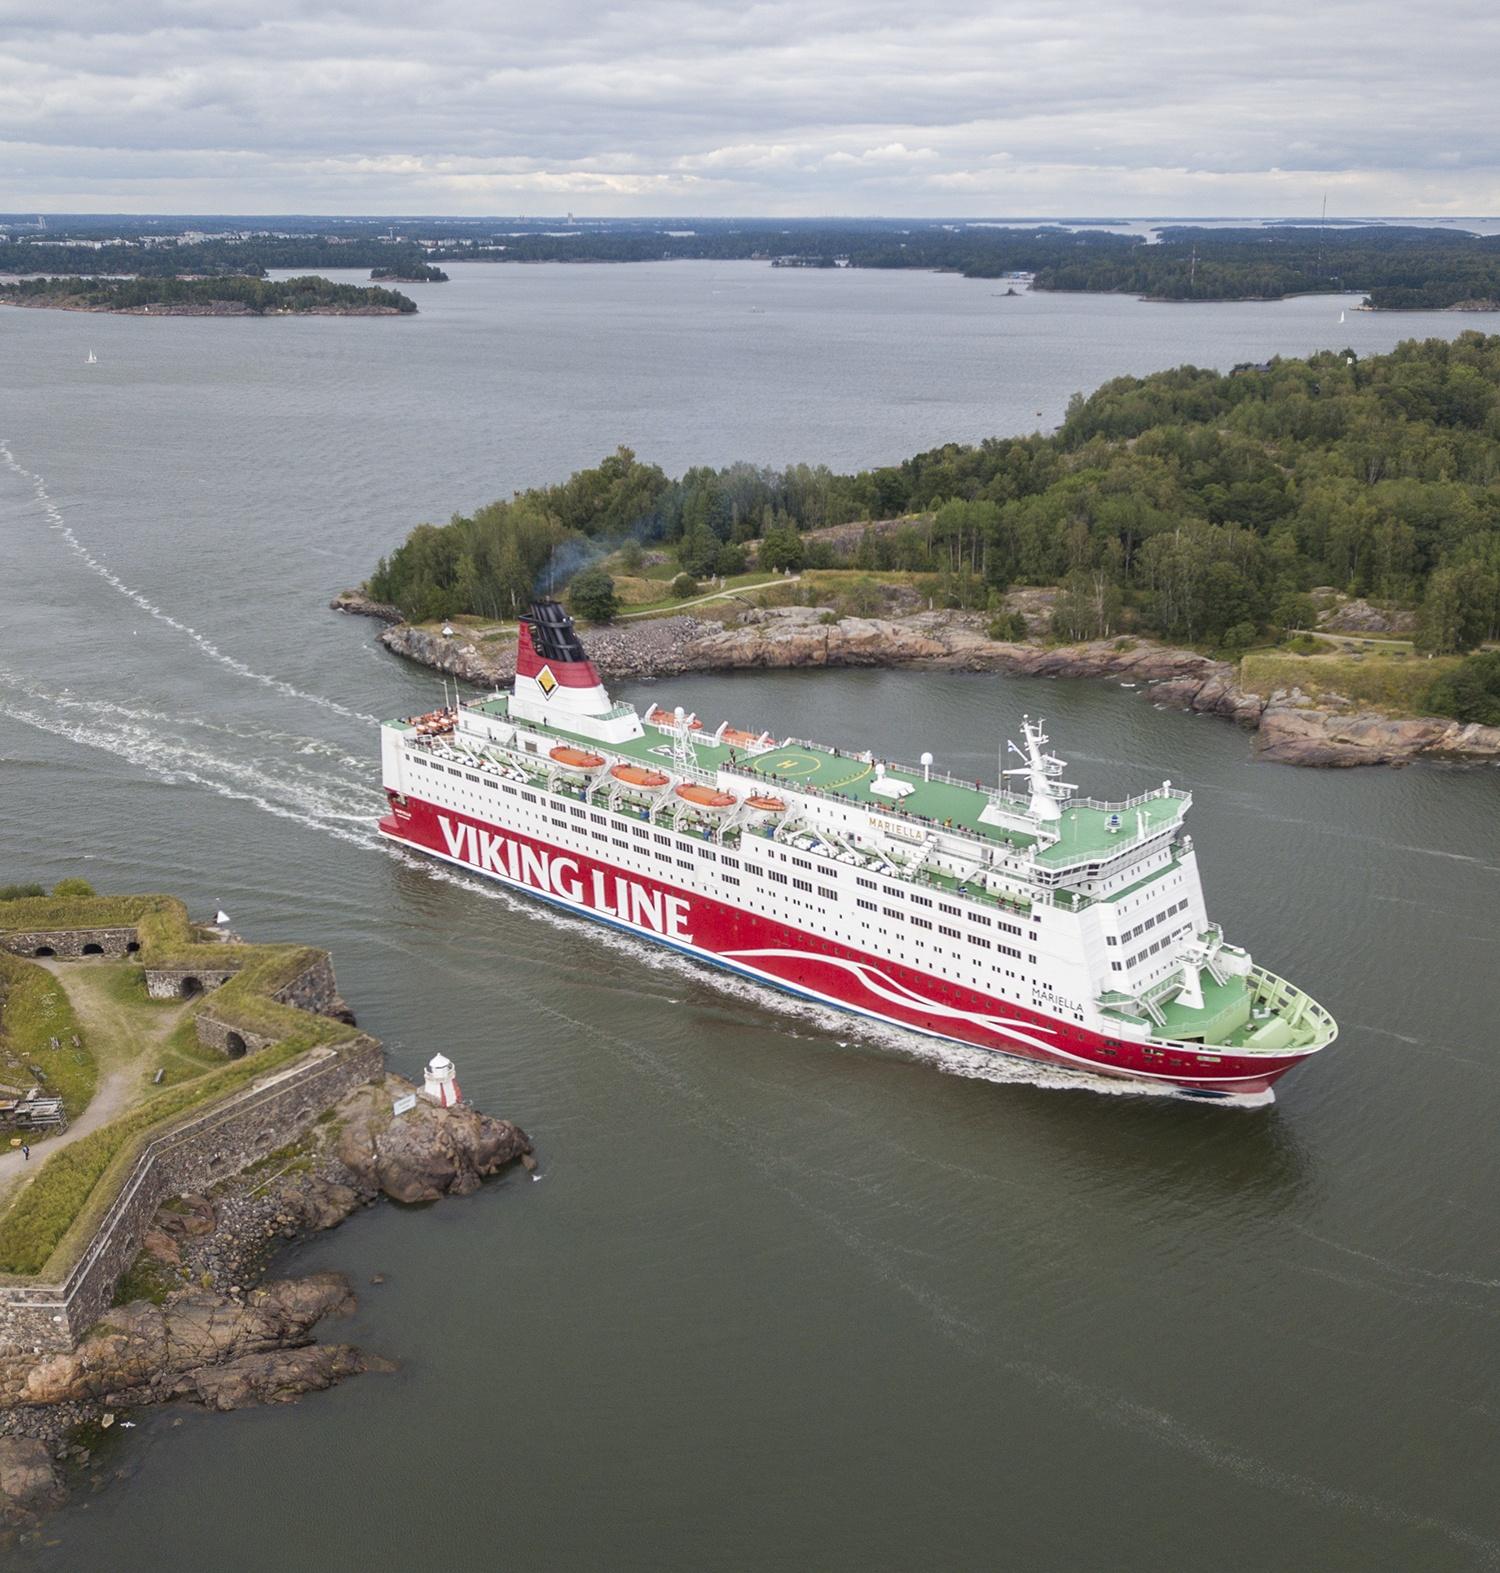 Vikingline ferry in Kustaanmiekka strait in Suomenlinna Sea Fortress